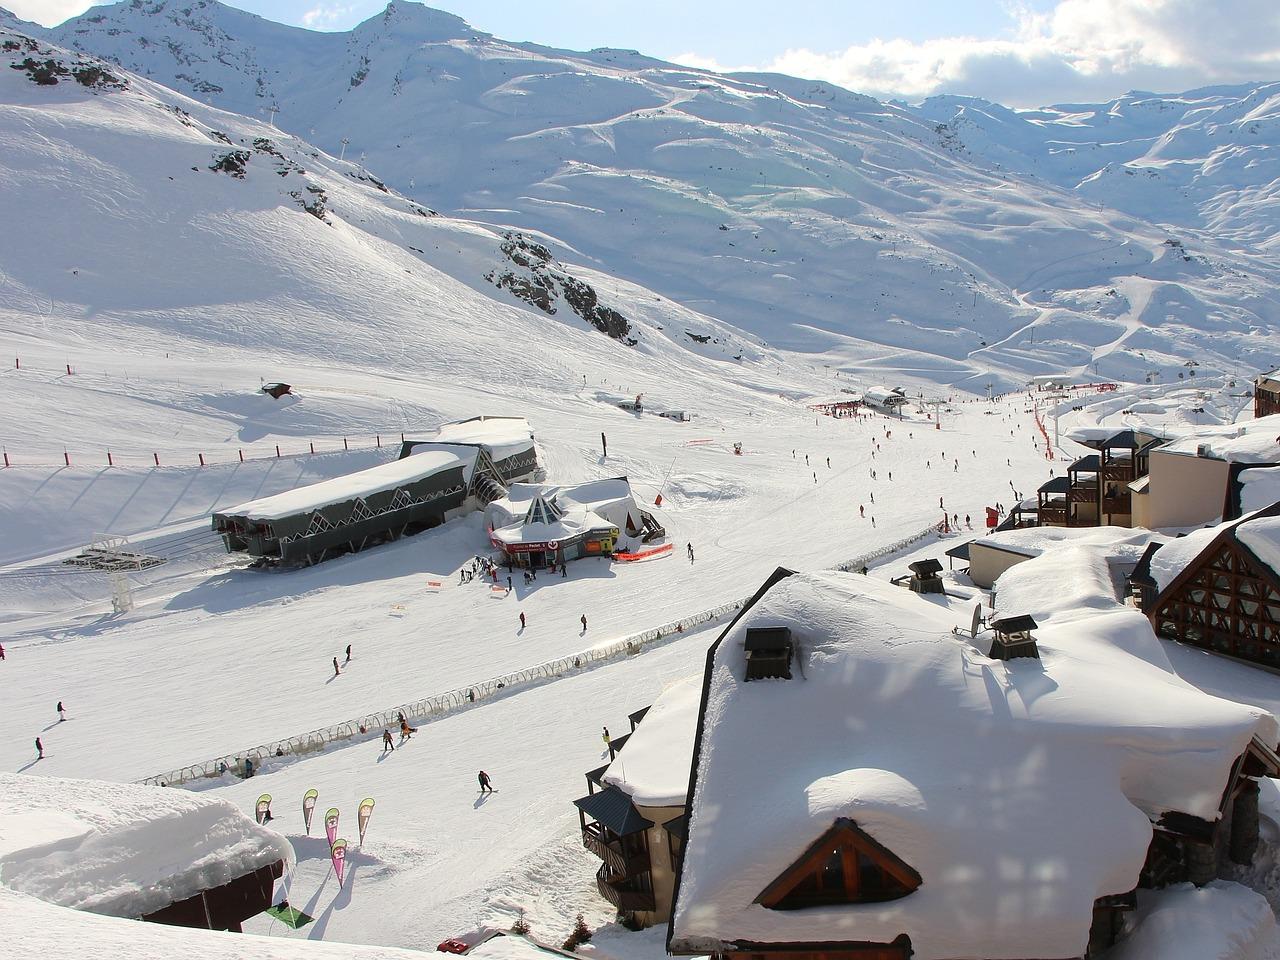 Val Thorens élue en 2017 meilleure station de ski au monde